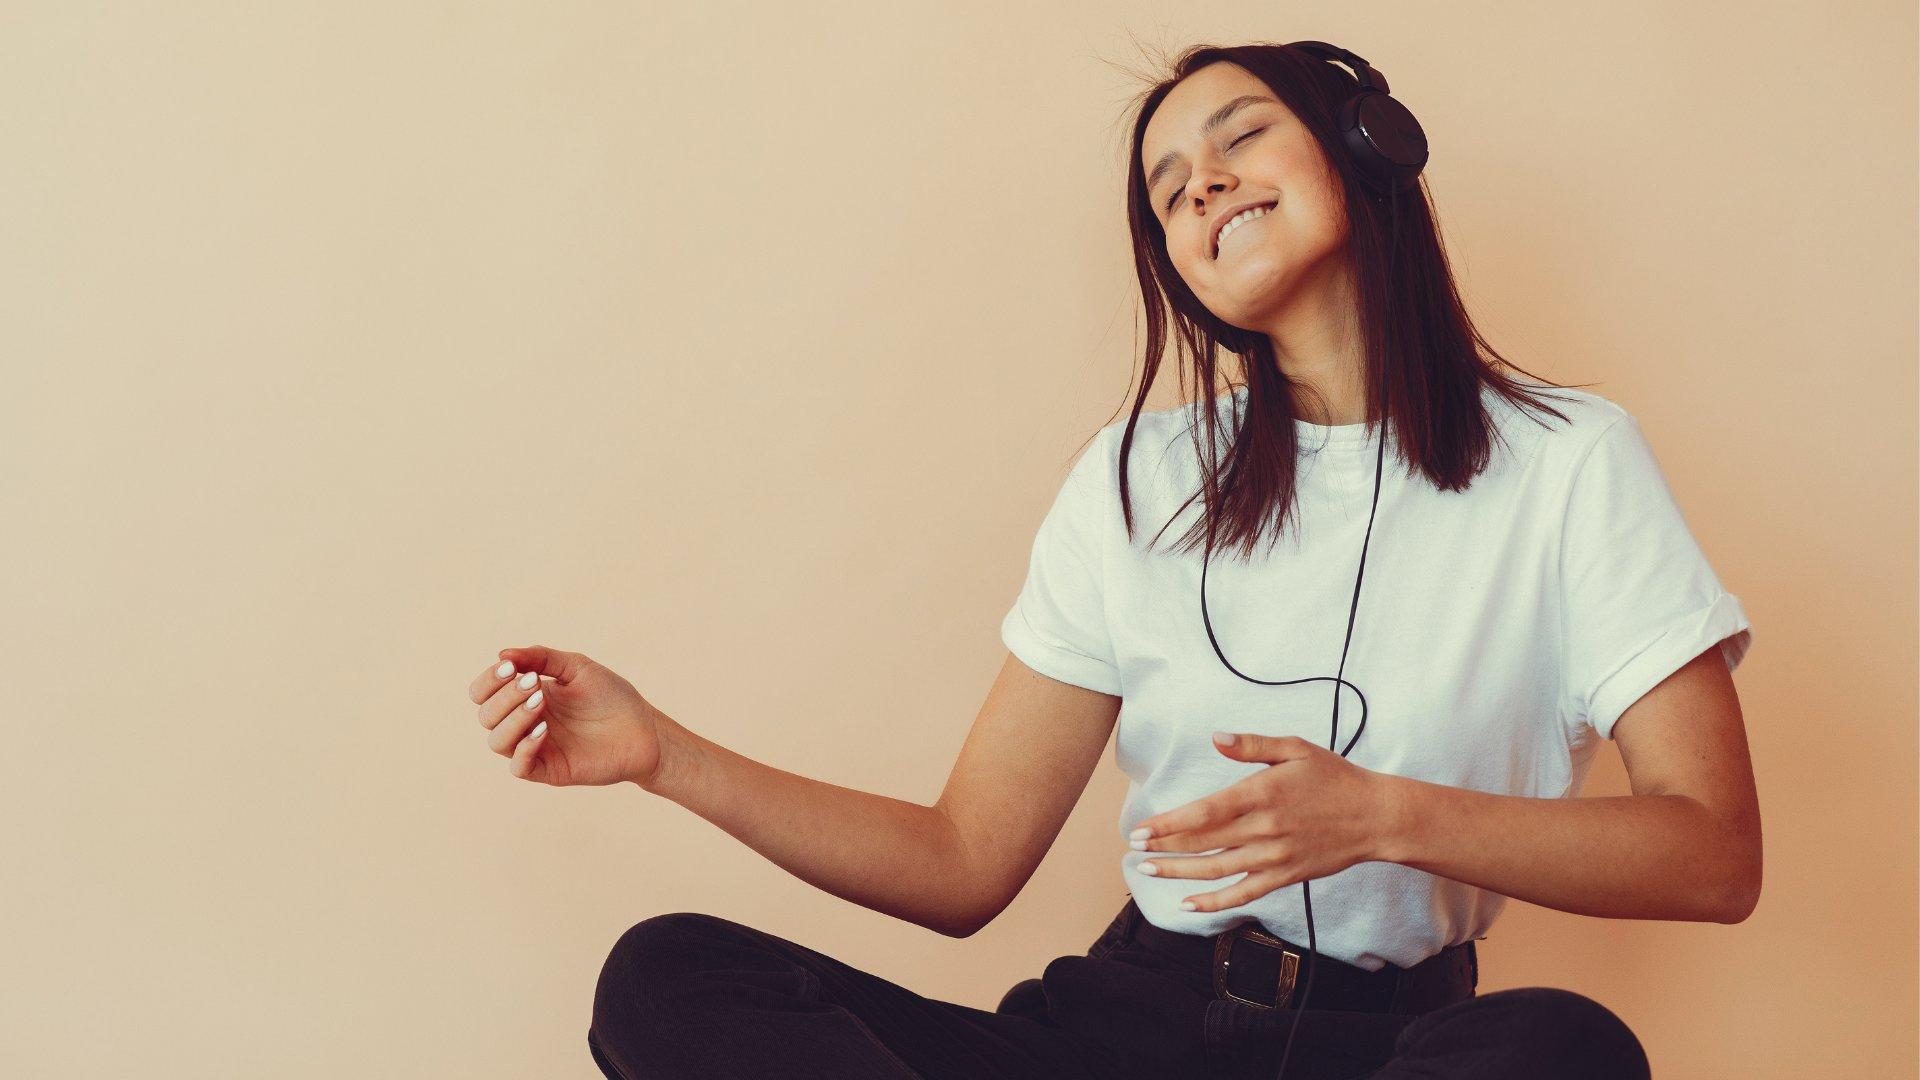 Garota sorrindo ouvindo música no fone de ouvido